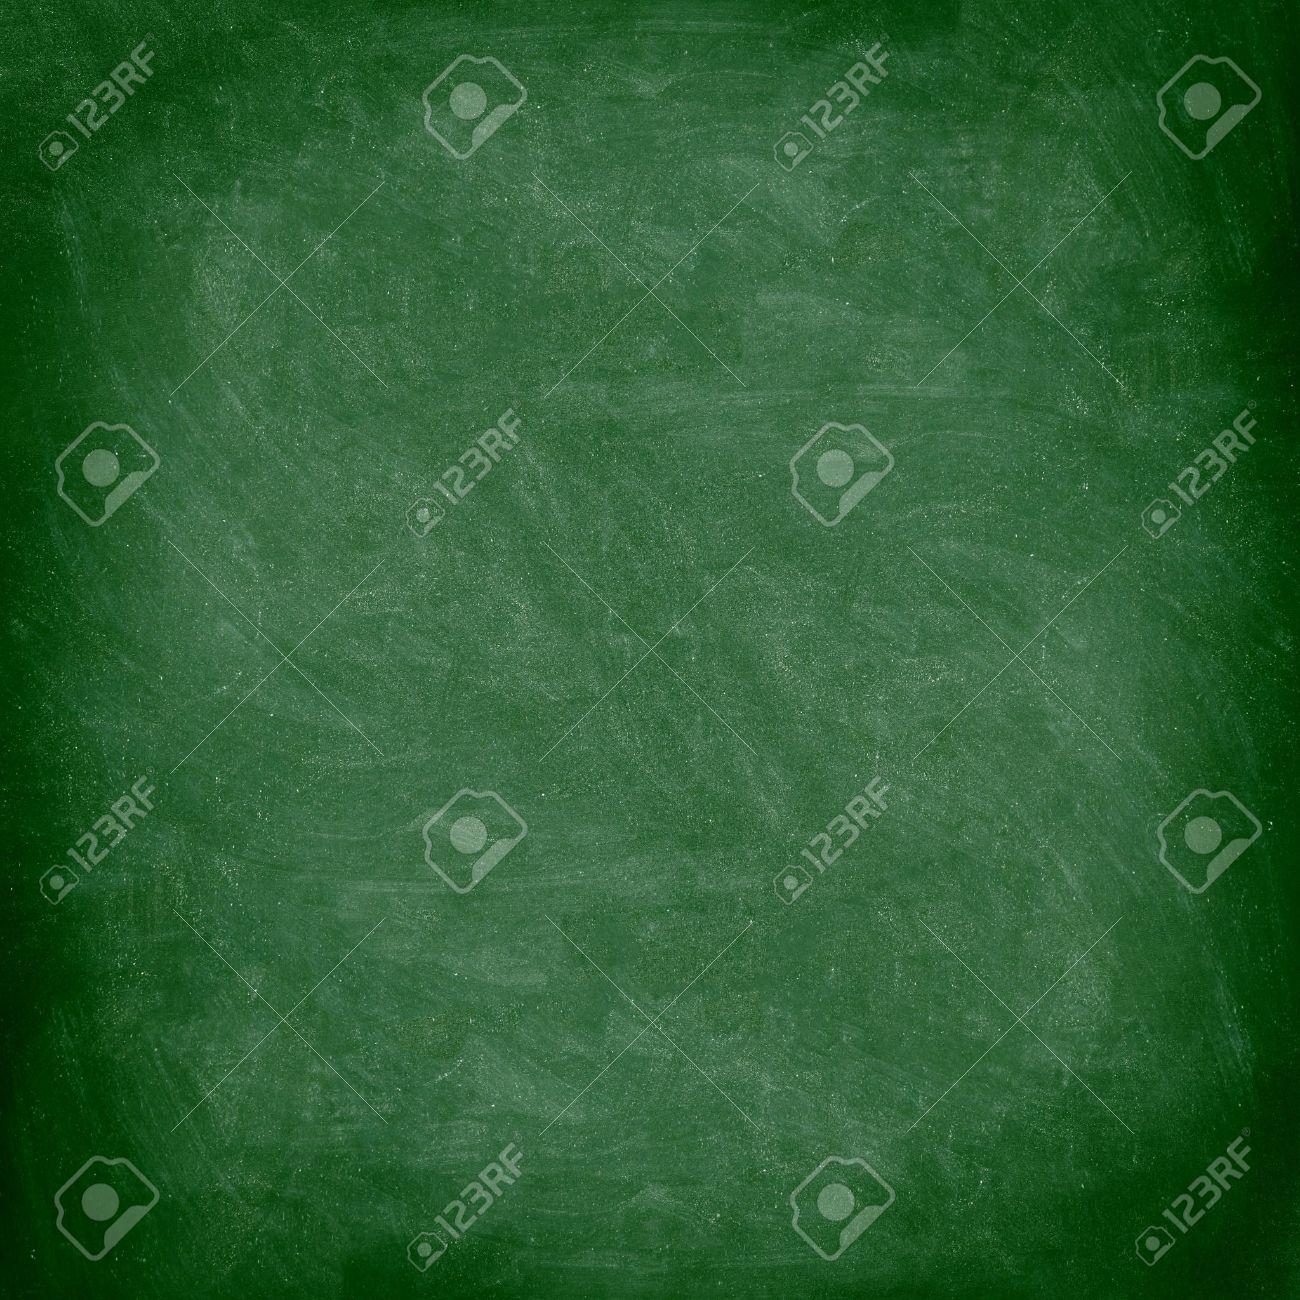 chalkboard blackboard green chalk board texture empty blank with chalk traces stock photo